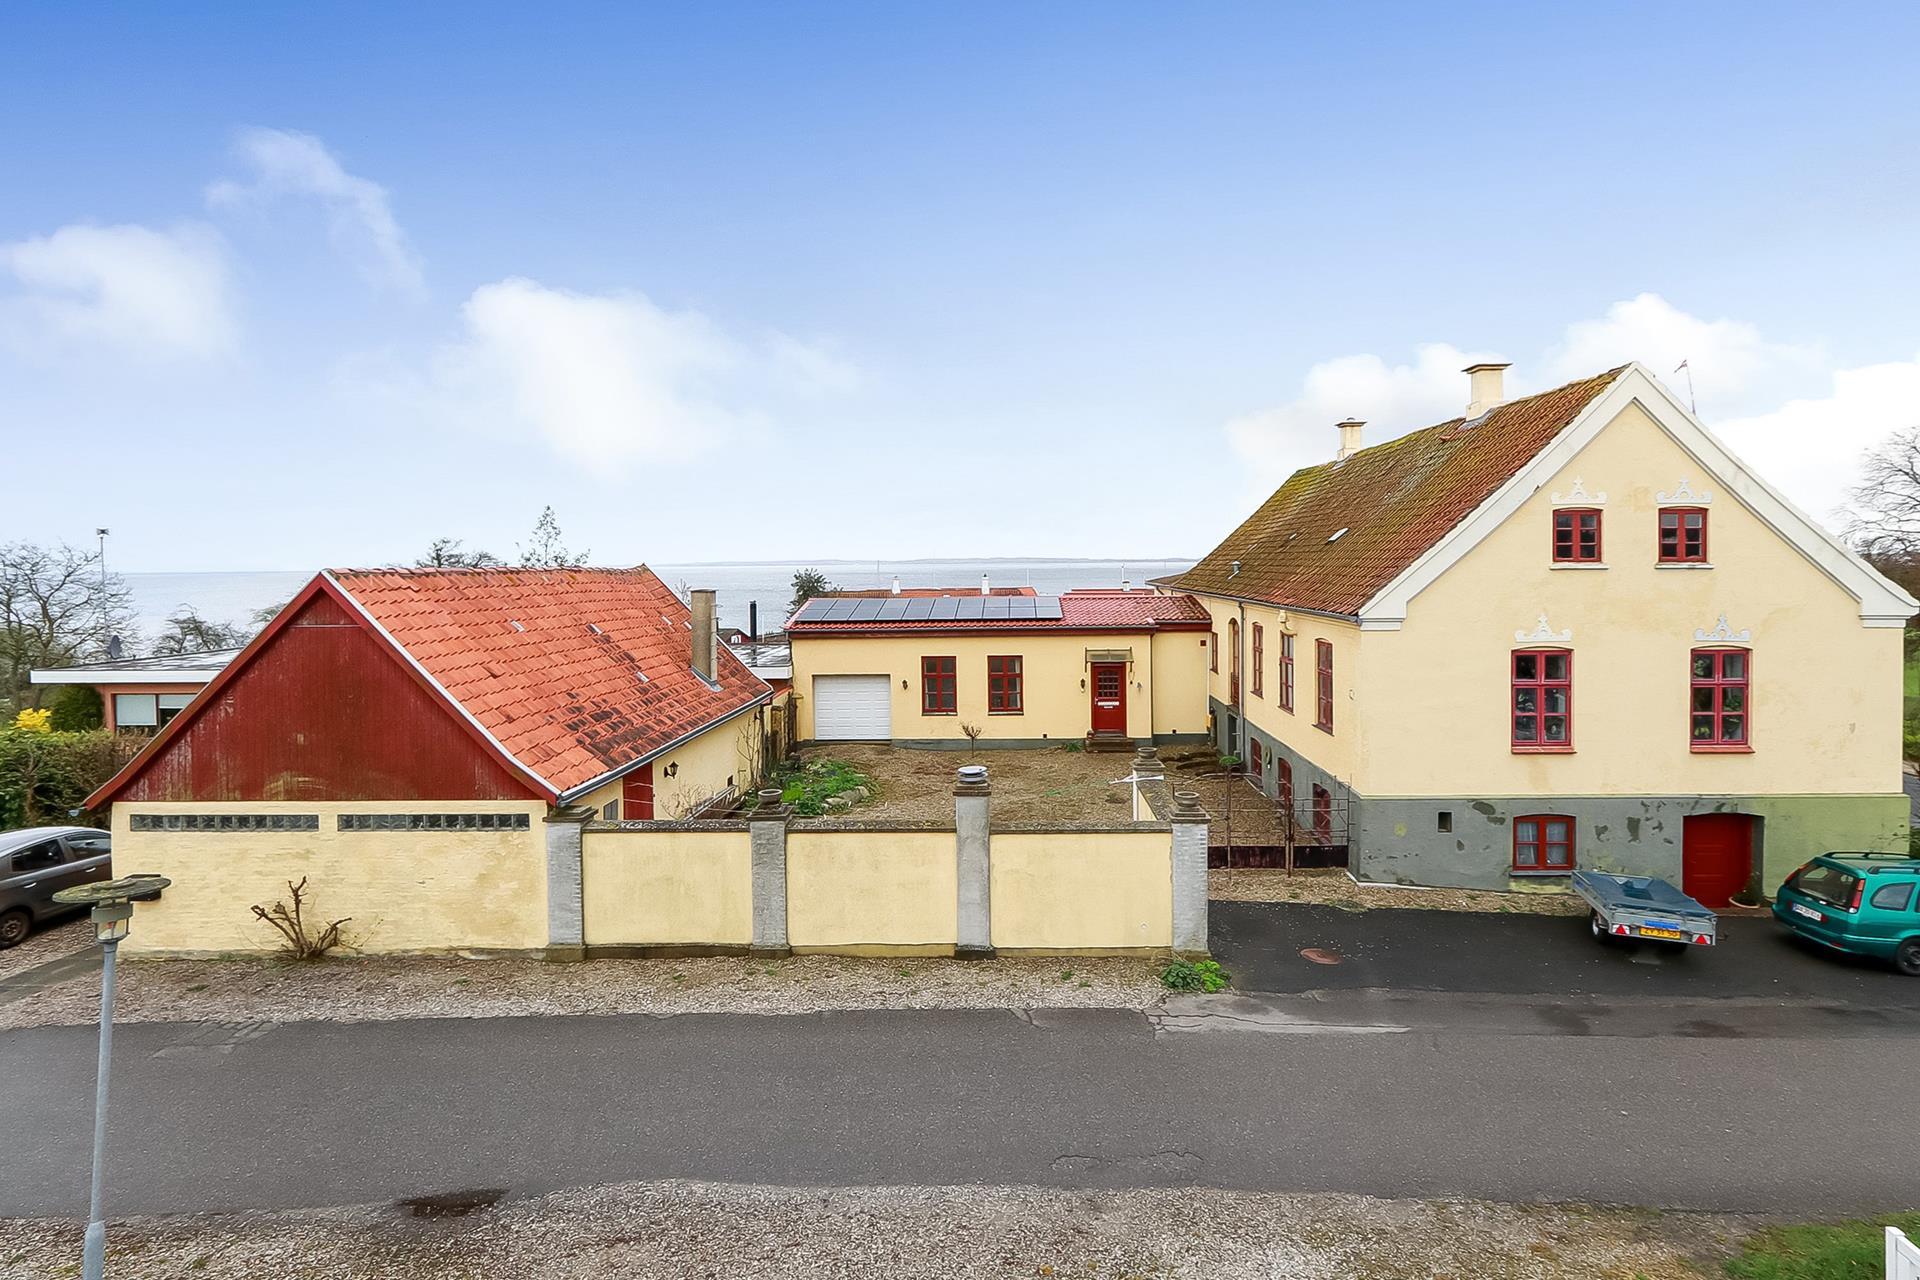 Bolig/erhverv på Havnevej i Hesselager - Ejendommen